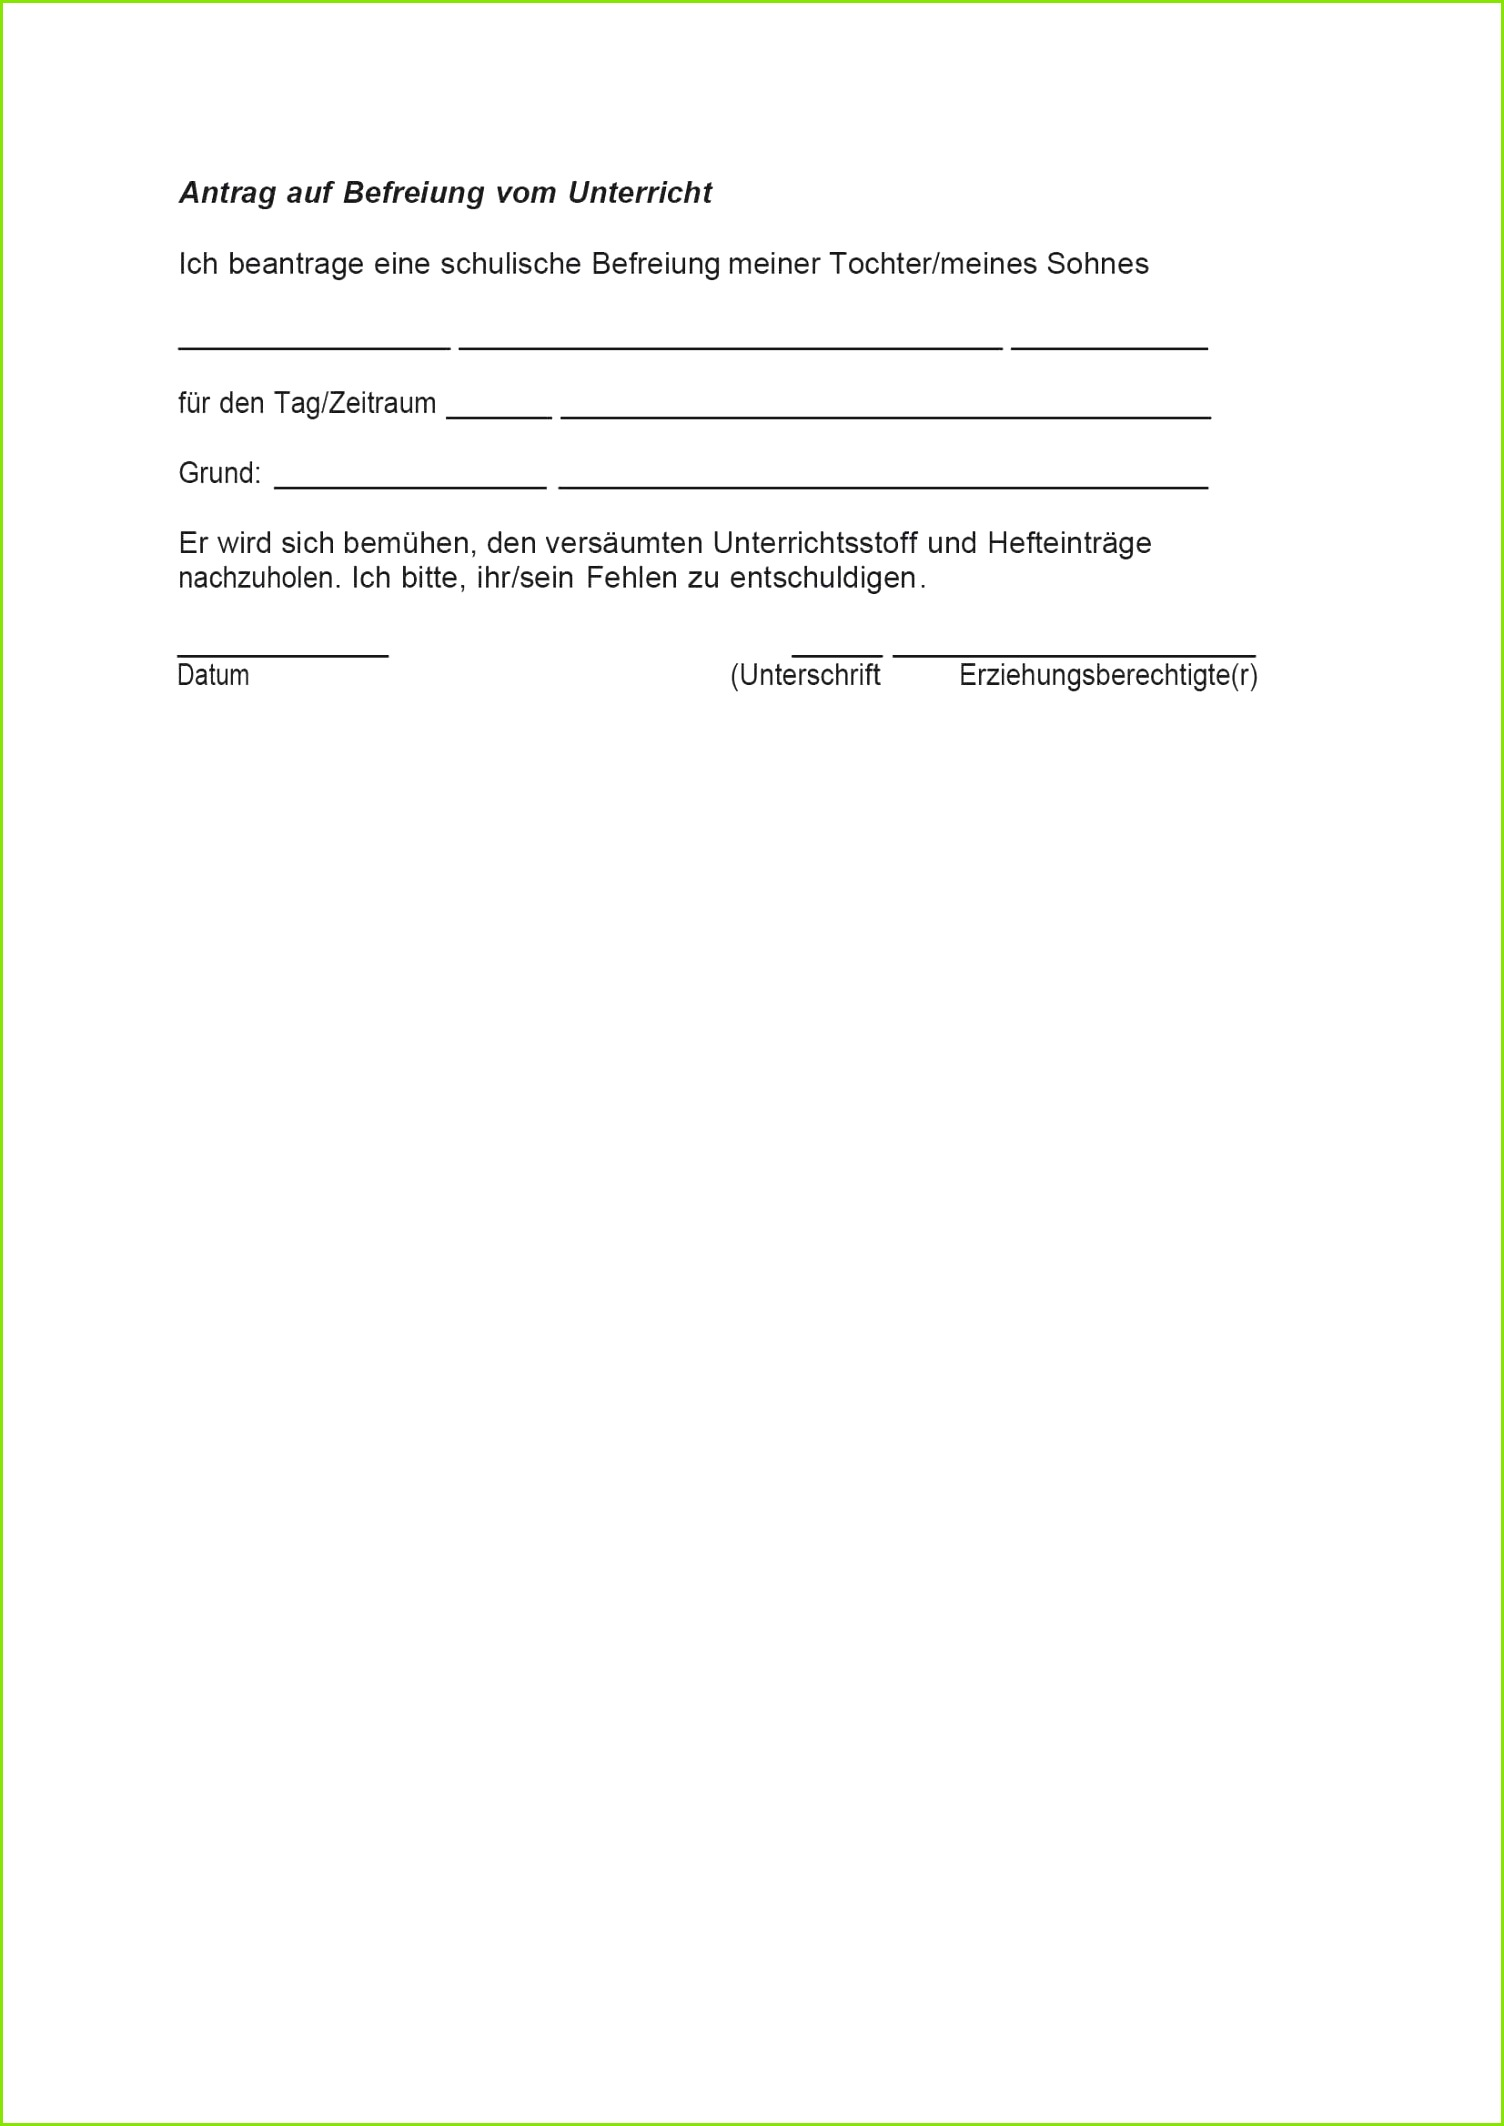 Inhaltsverzeichnis Vorlage Zum Ausdrucken Für Die Schule Genial Beurlaubung Schule Vorlage Inhaltsverzeichnis